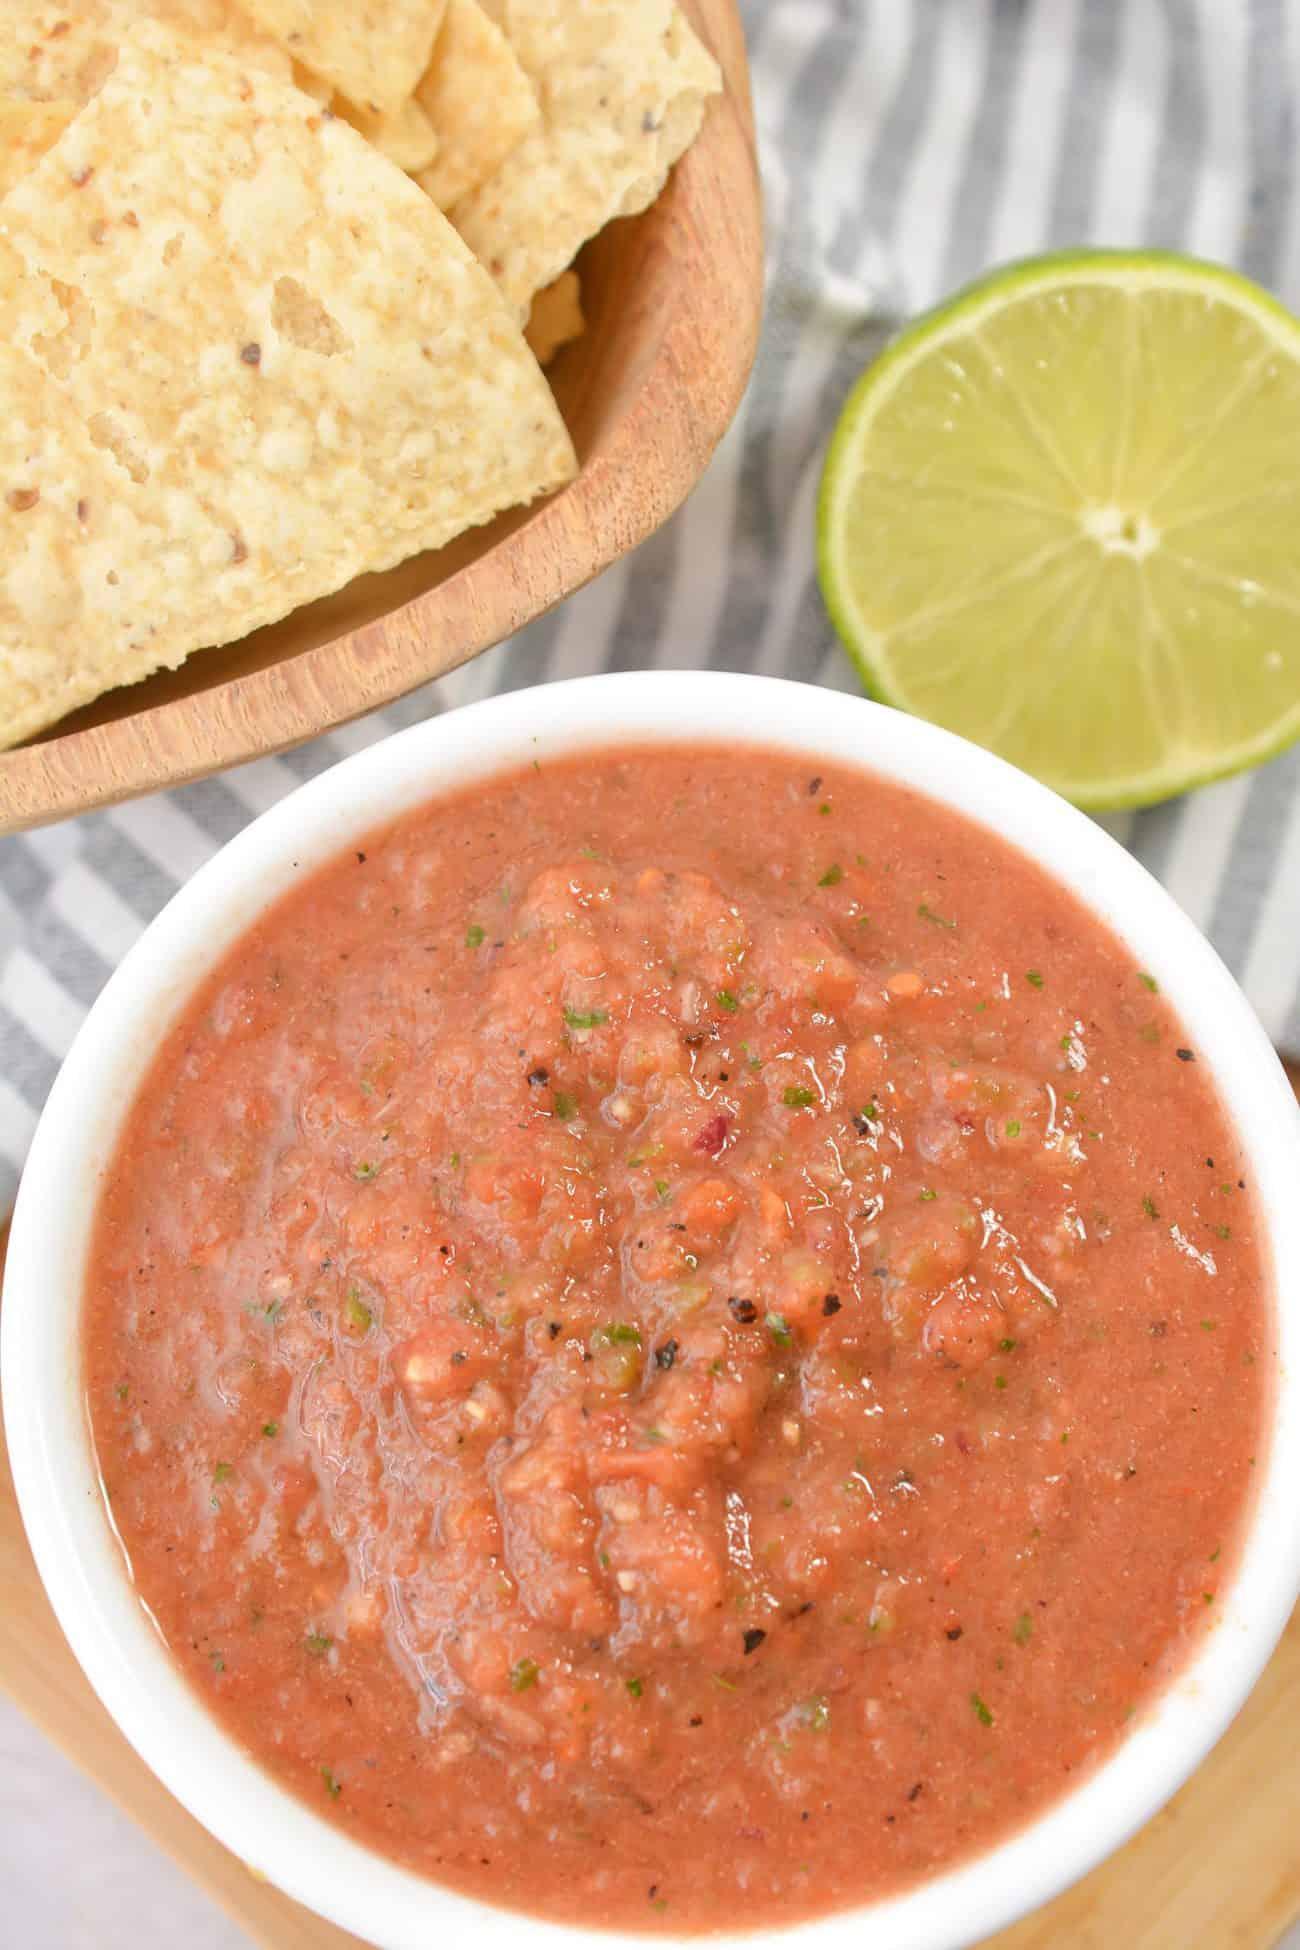 Best Homemade Salsa Ever